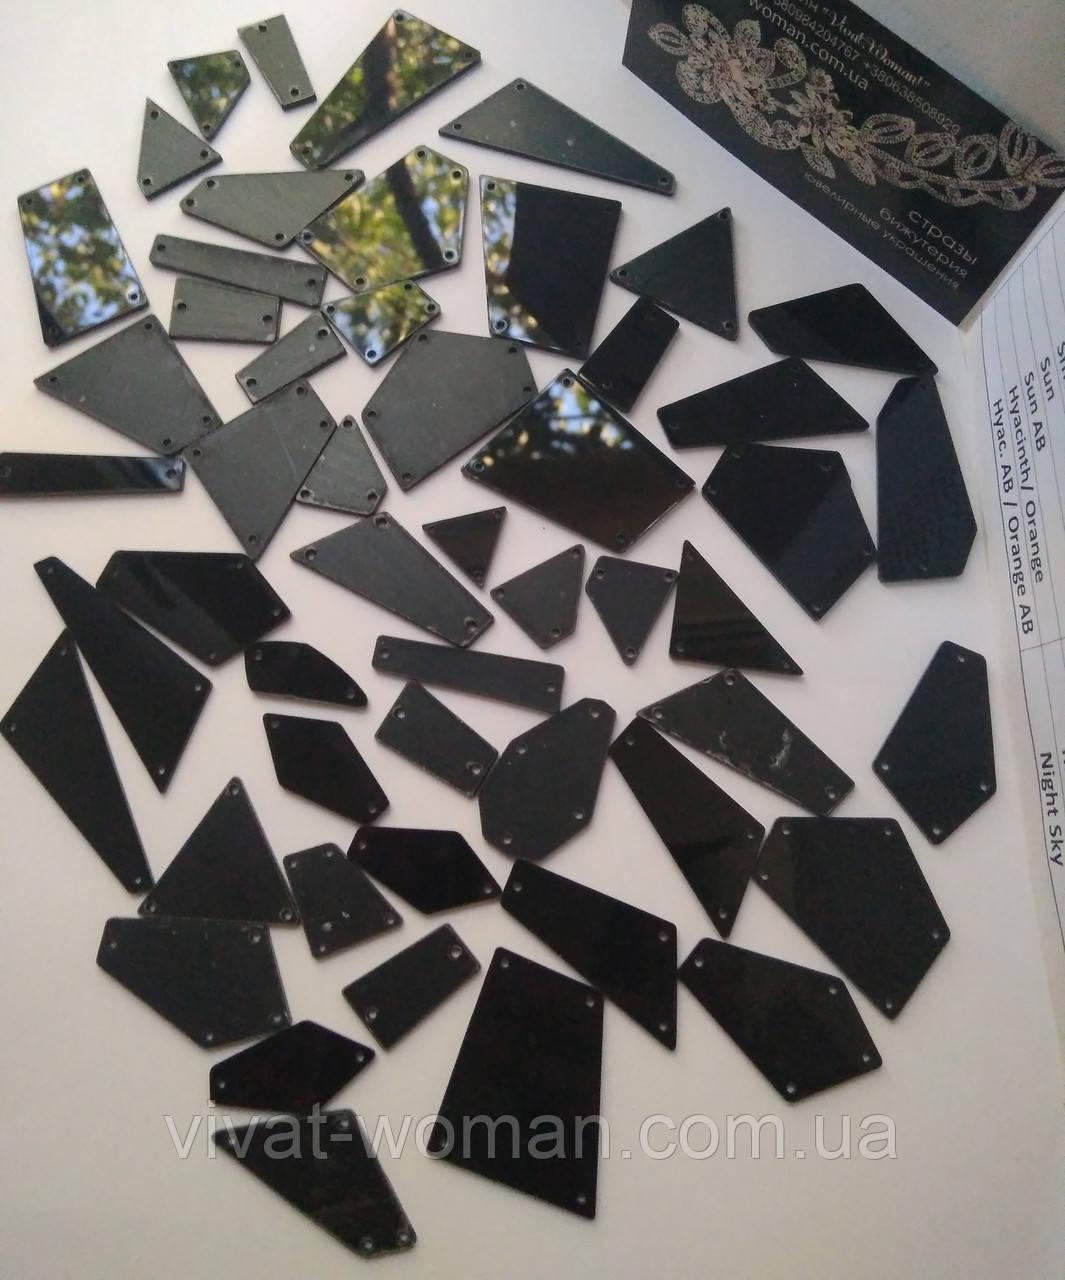 Дзеркальні пришивні стрази Black (чорні), мікс. 50 штук в уп.